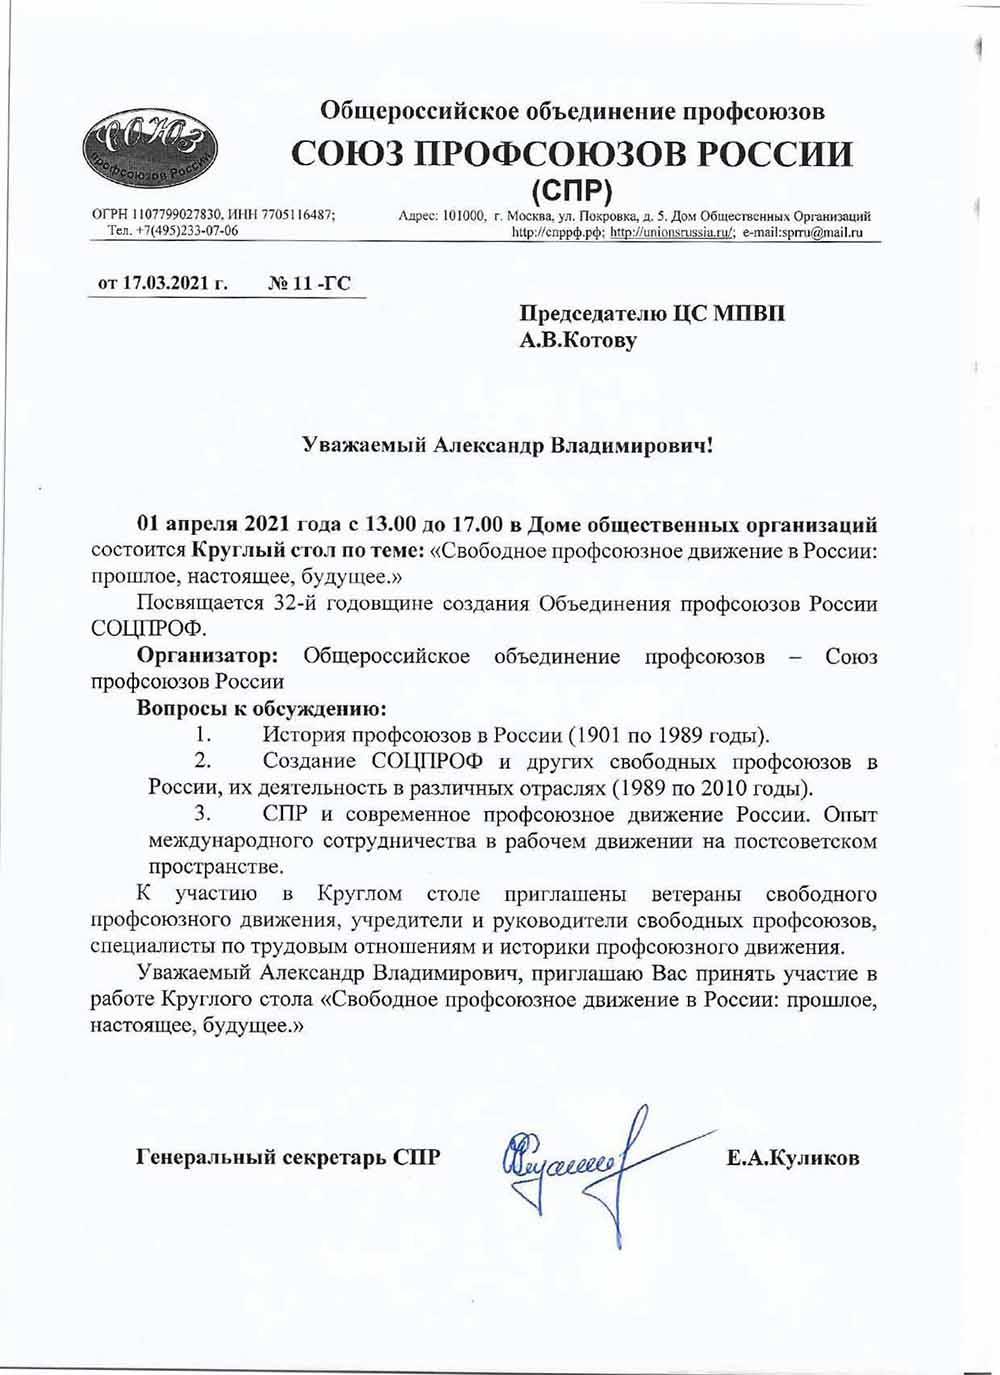 210401 Котову.jpg